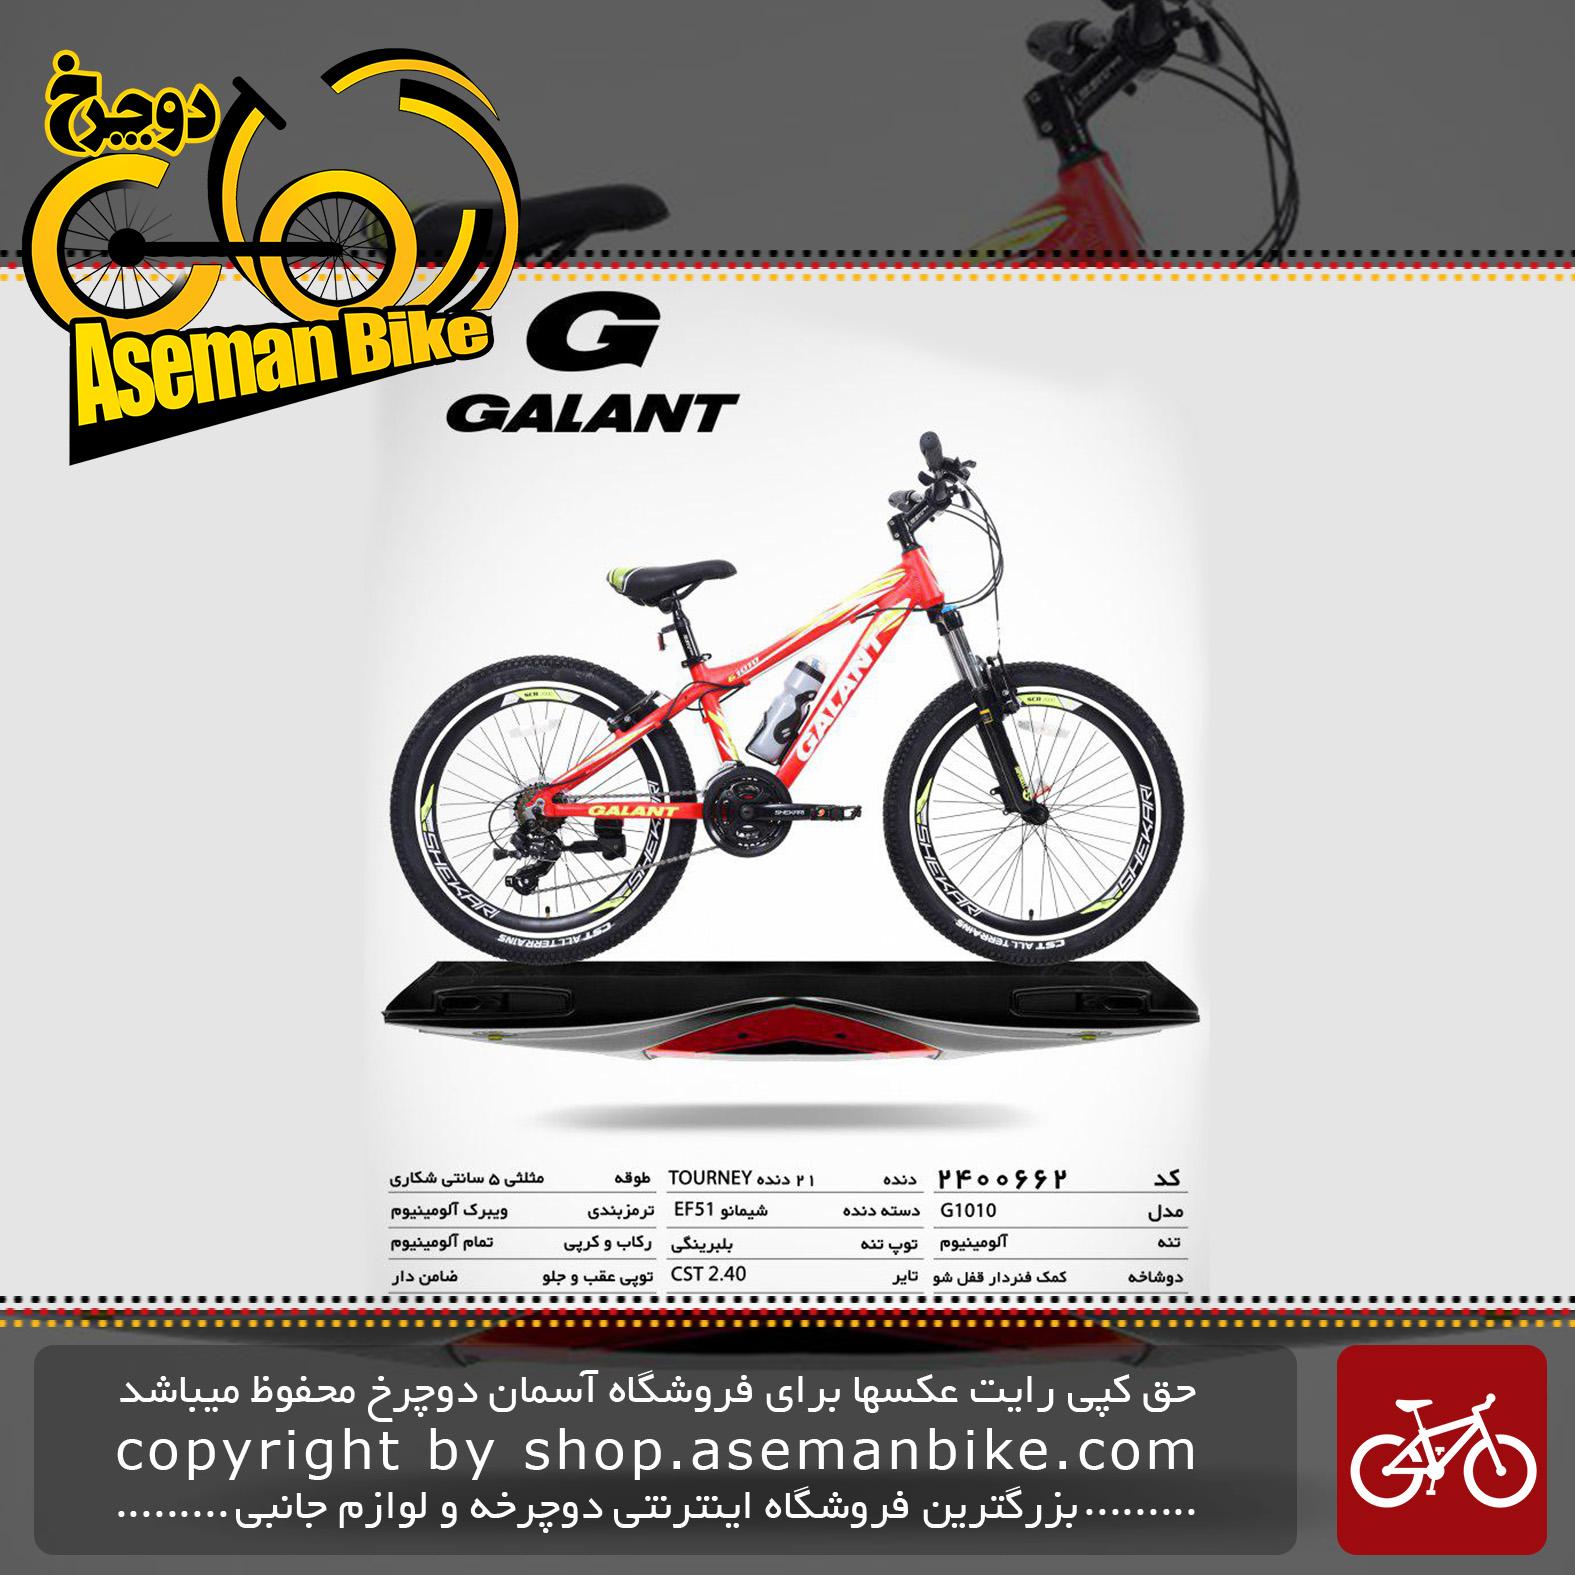 دوچرخه کوهستان شهری گالانت مدل جی 1010 21 دنده سایز 26 ساخت تایوان GALANT Mountain City Bicycle Taiwan G1010 Size 26 2019